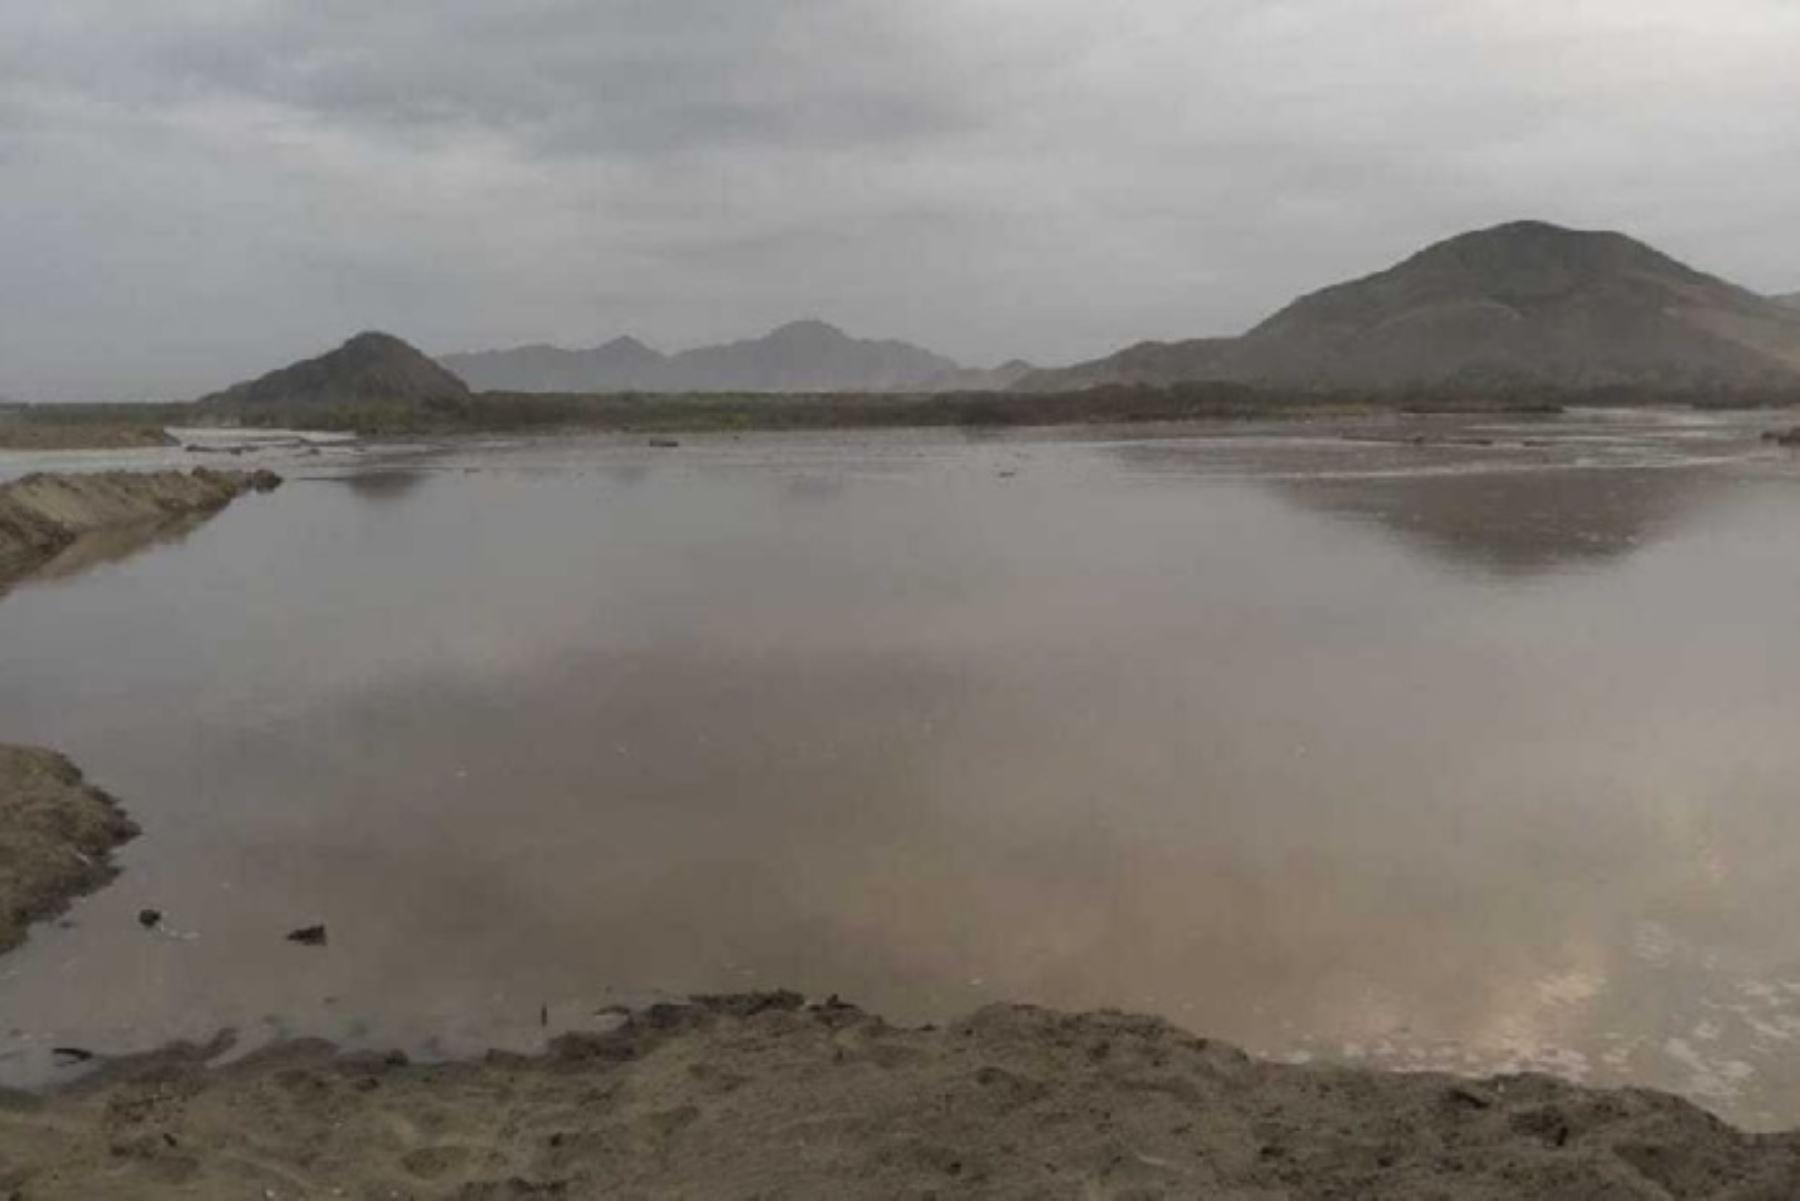 El desborde del río Nepeña en la desembocadura de la playa Los Chimus, muy cerca al centro poblado del mismo nombre, en el distrito de Samanco, provincia ancashina del Santa, lo confirmó el secretario técnico de Defensa Civil de Samanco, Alberto Rodríguez.